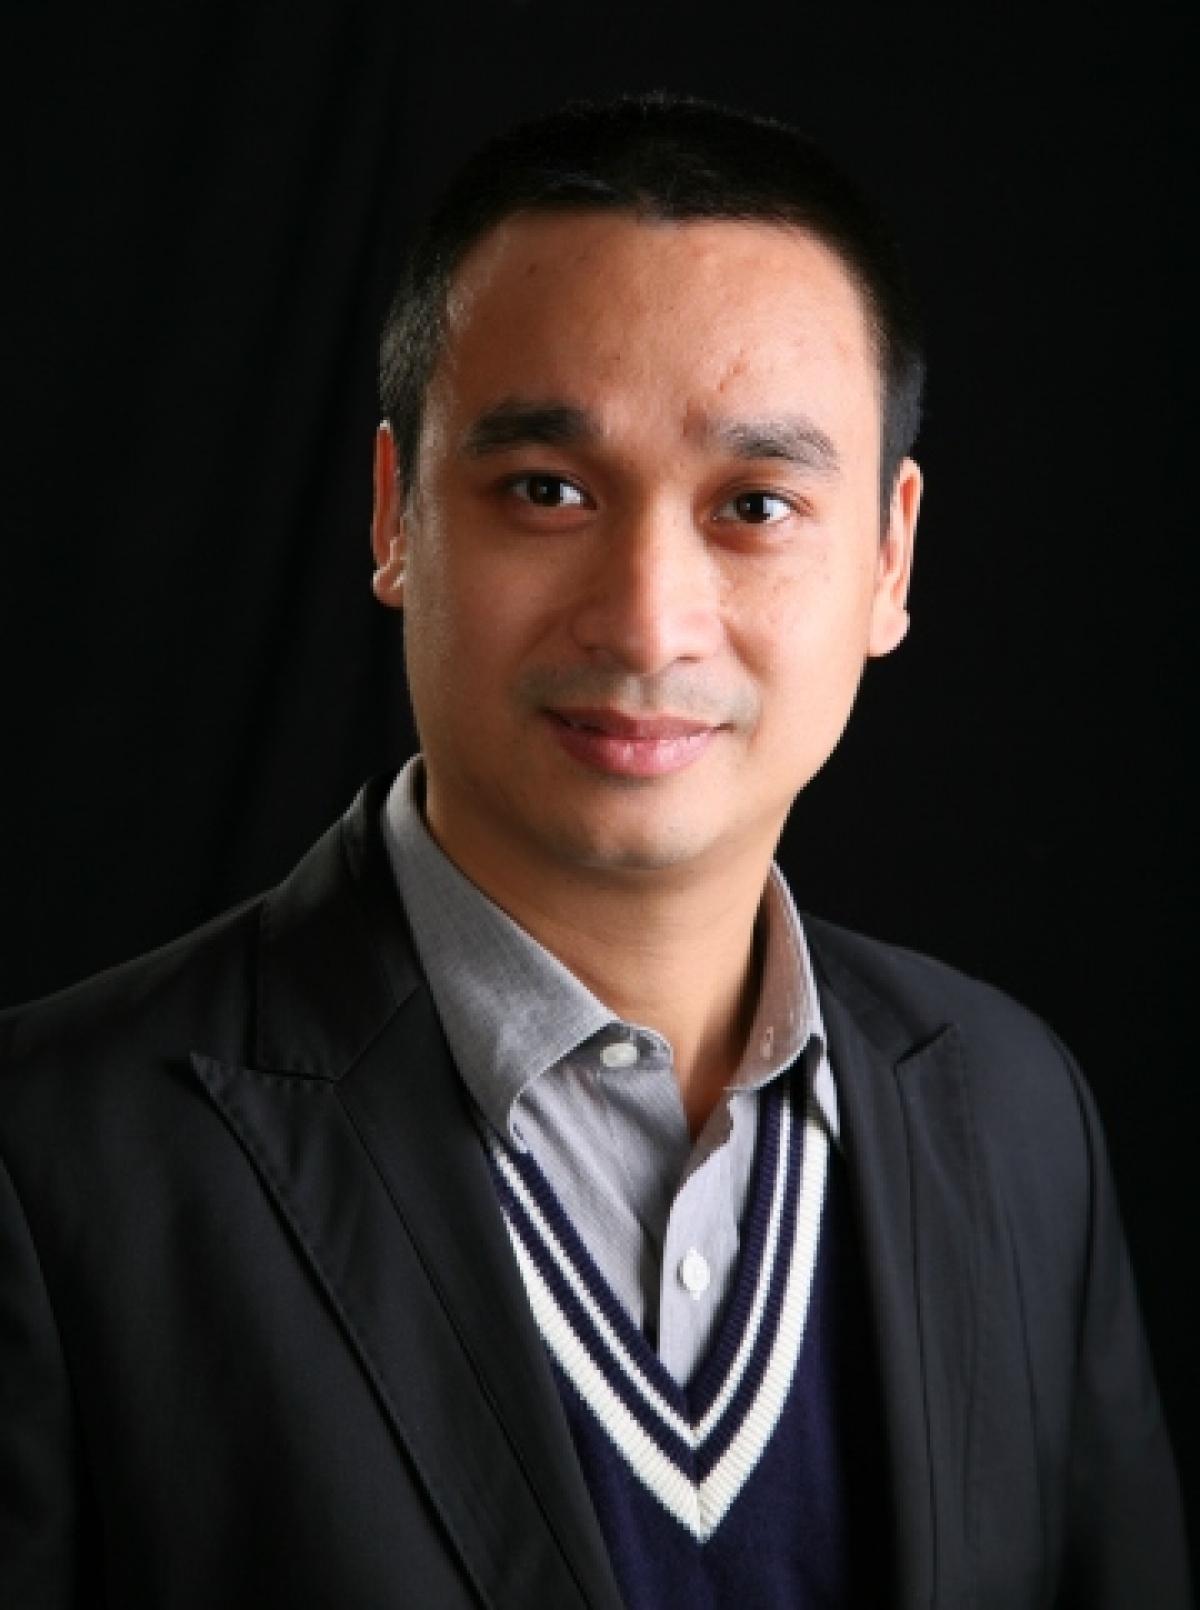 Nhạc sĩ Đỗ Hoàng Linh.